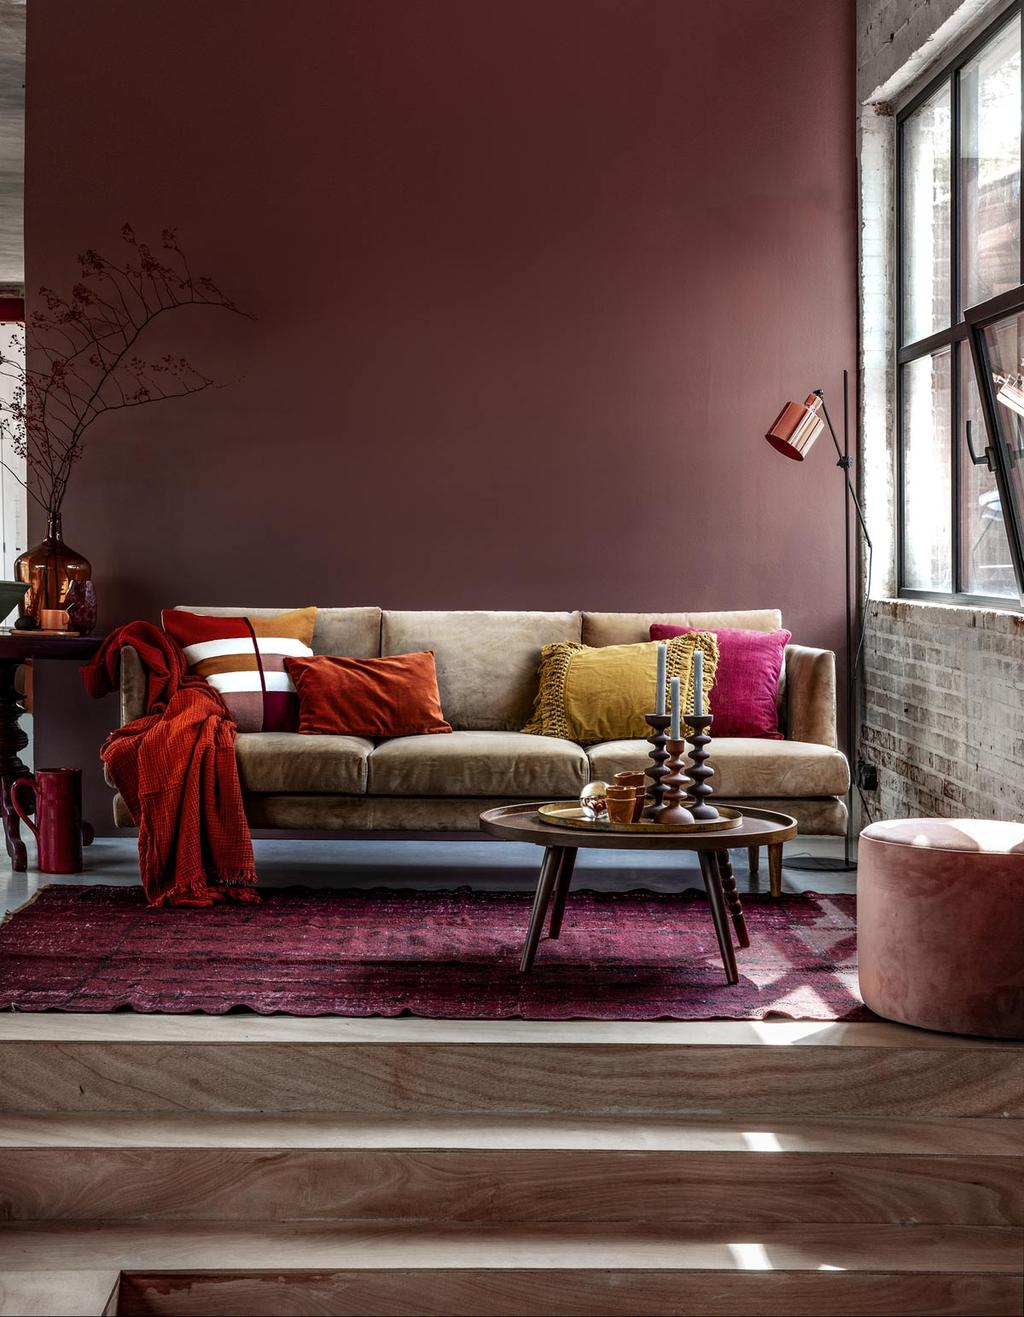 Herfst interieur in een woonkamer met spicy kleuren.